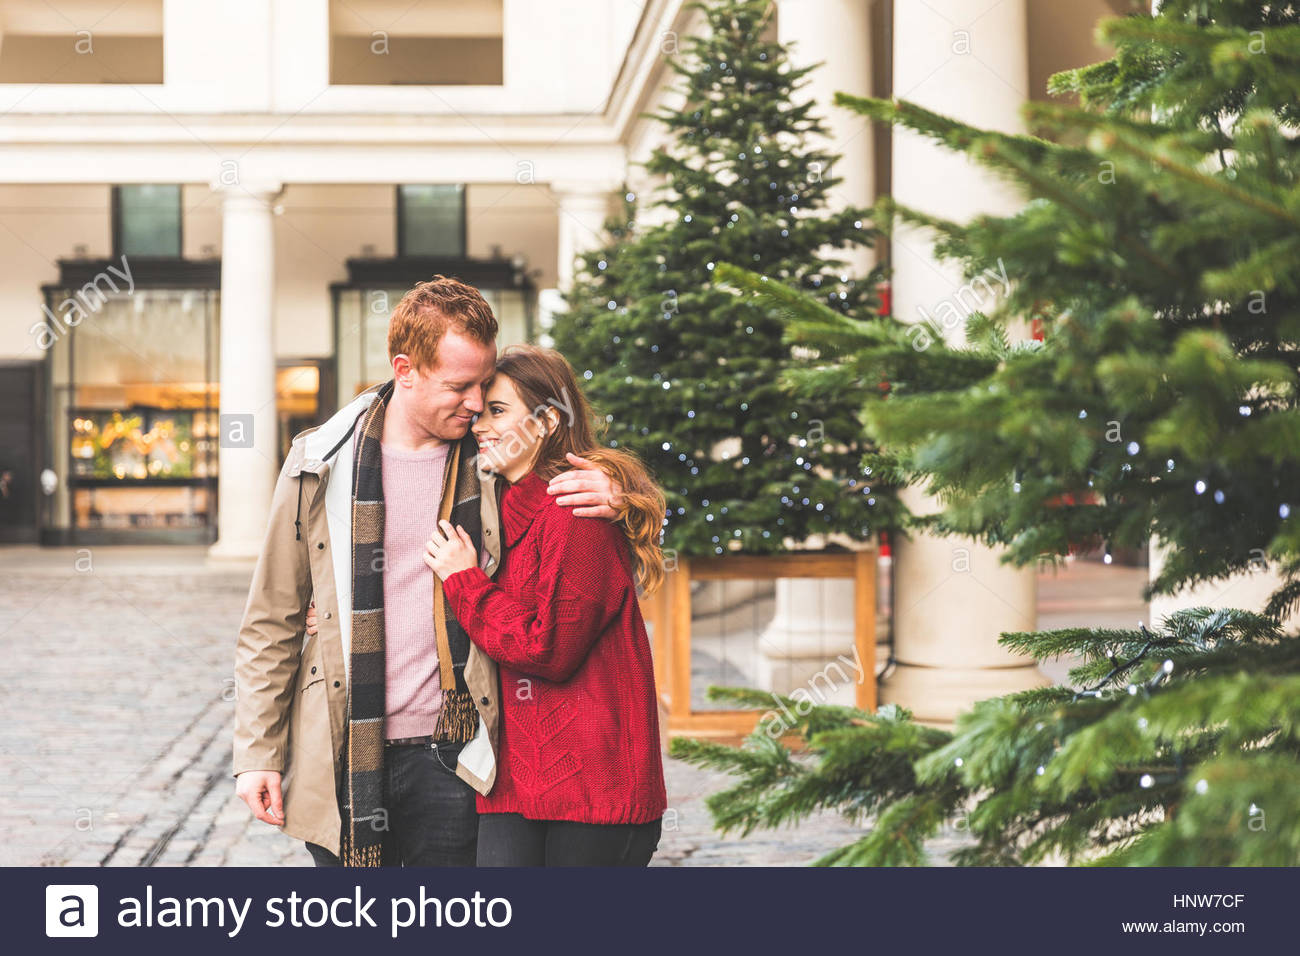 Par de abrazos, Covent Garden, London, UK Imagen De Stock